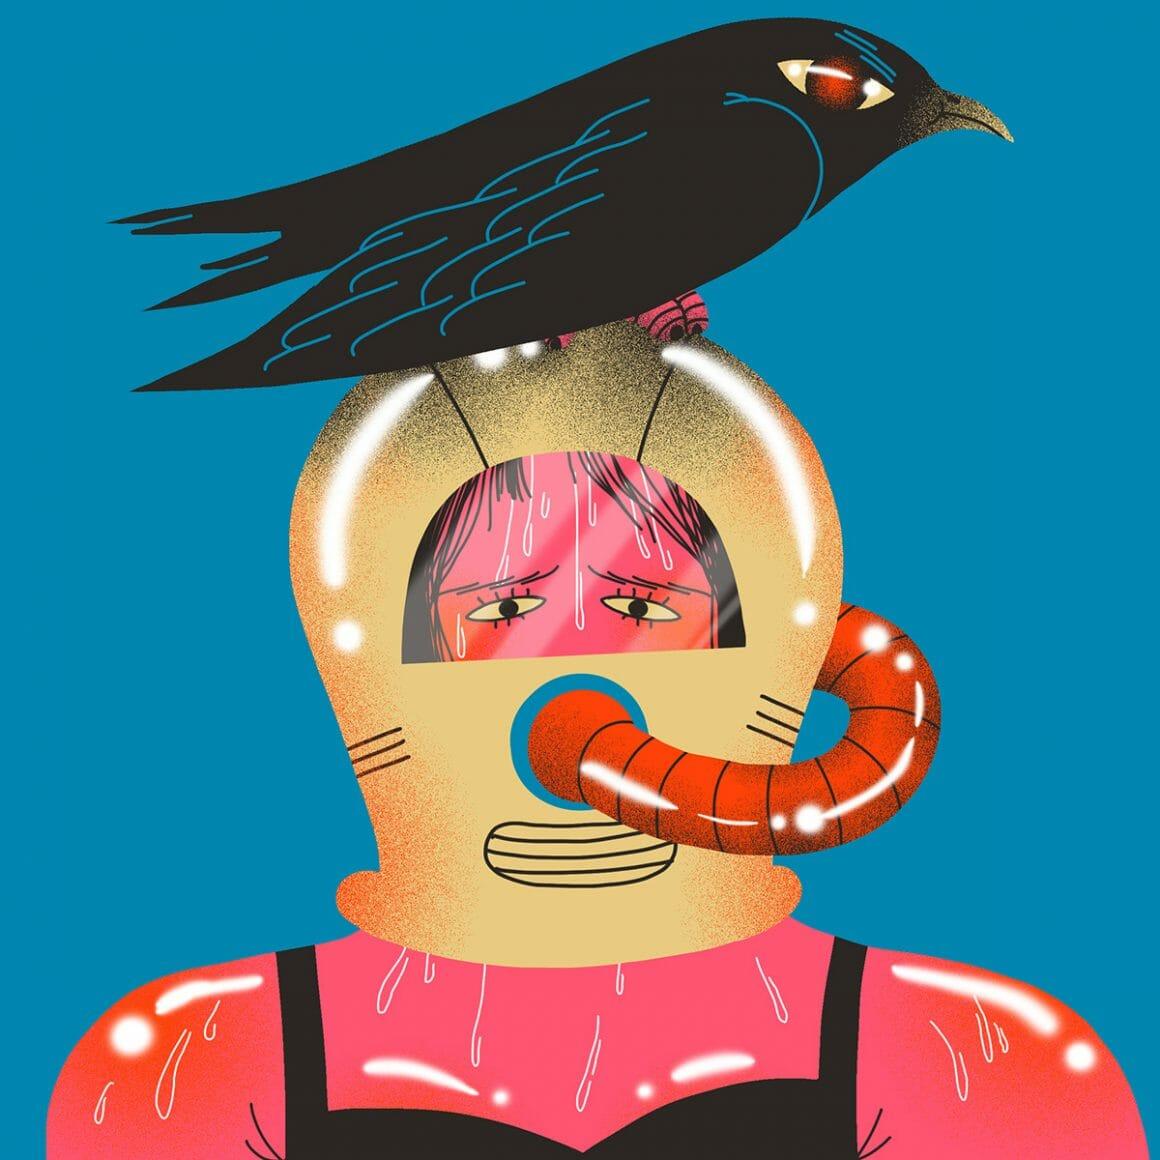 Statement illustrations par Genie Espinosa. Un personnage féminin dans un scaphandre, surmonté d'un corbeau.